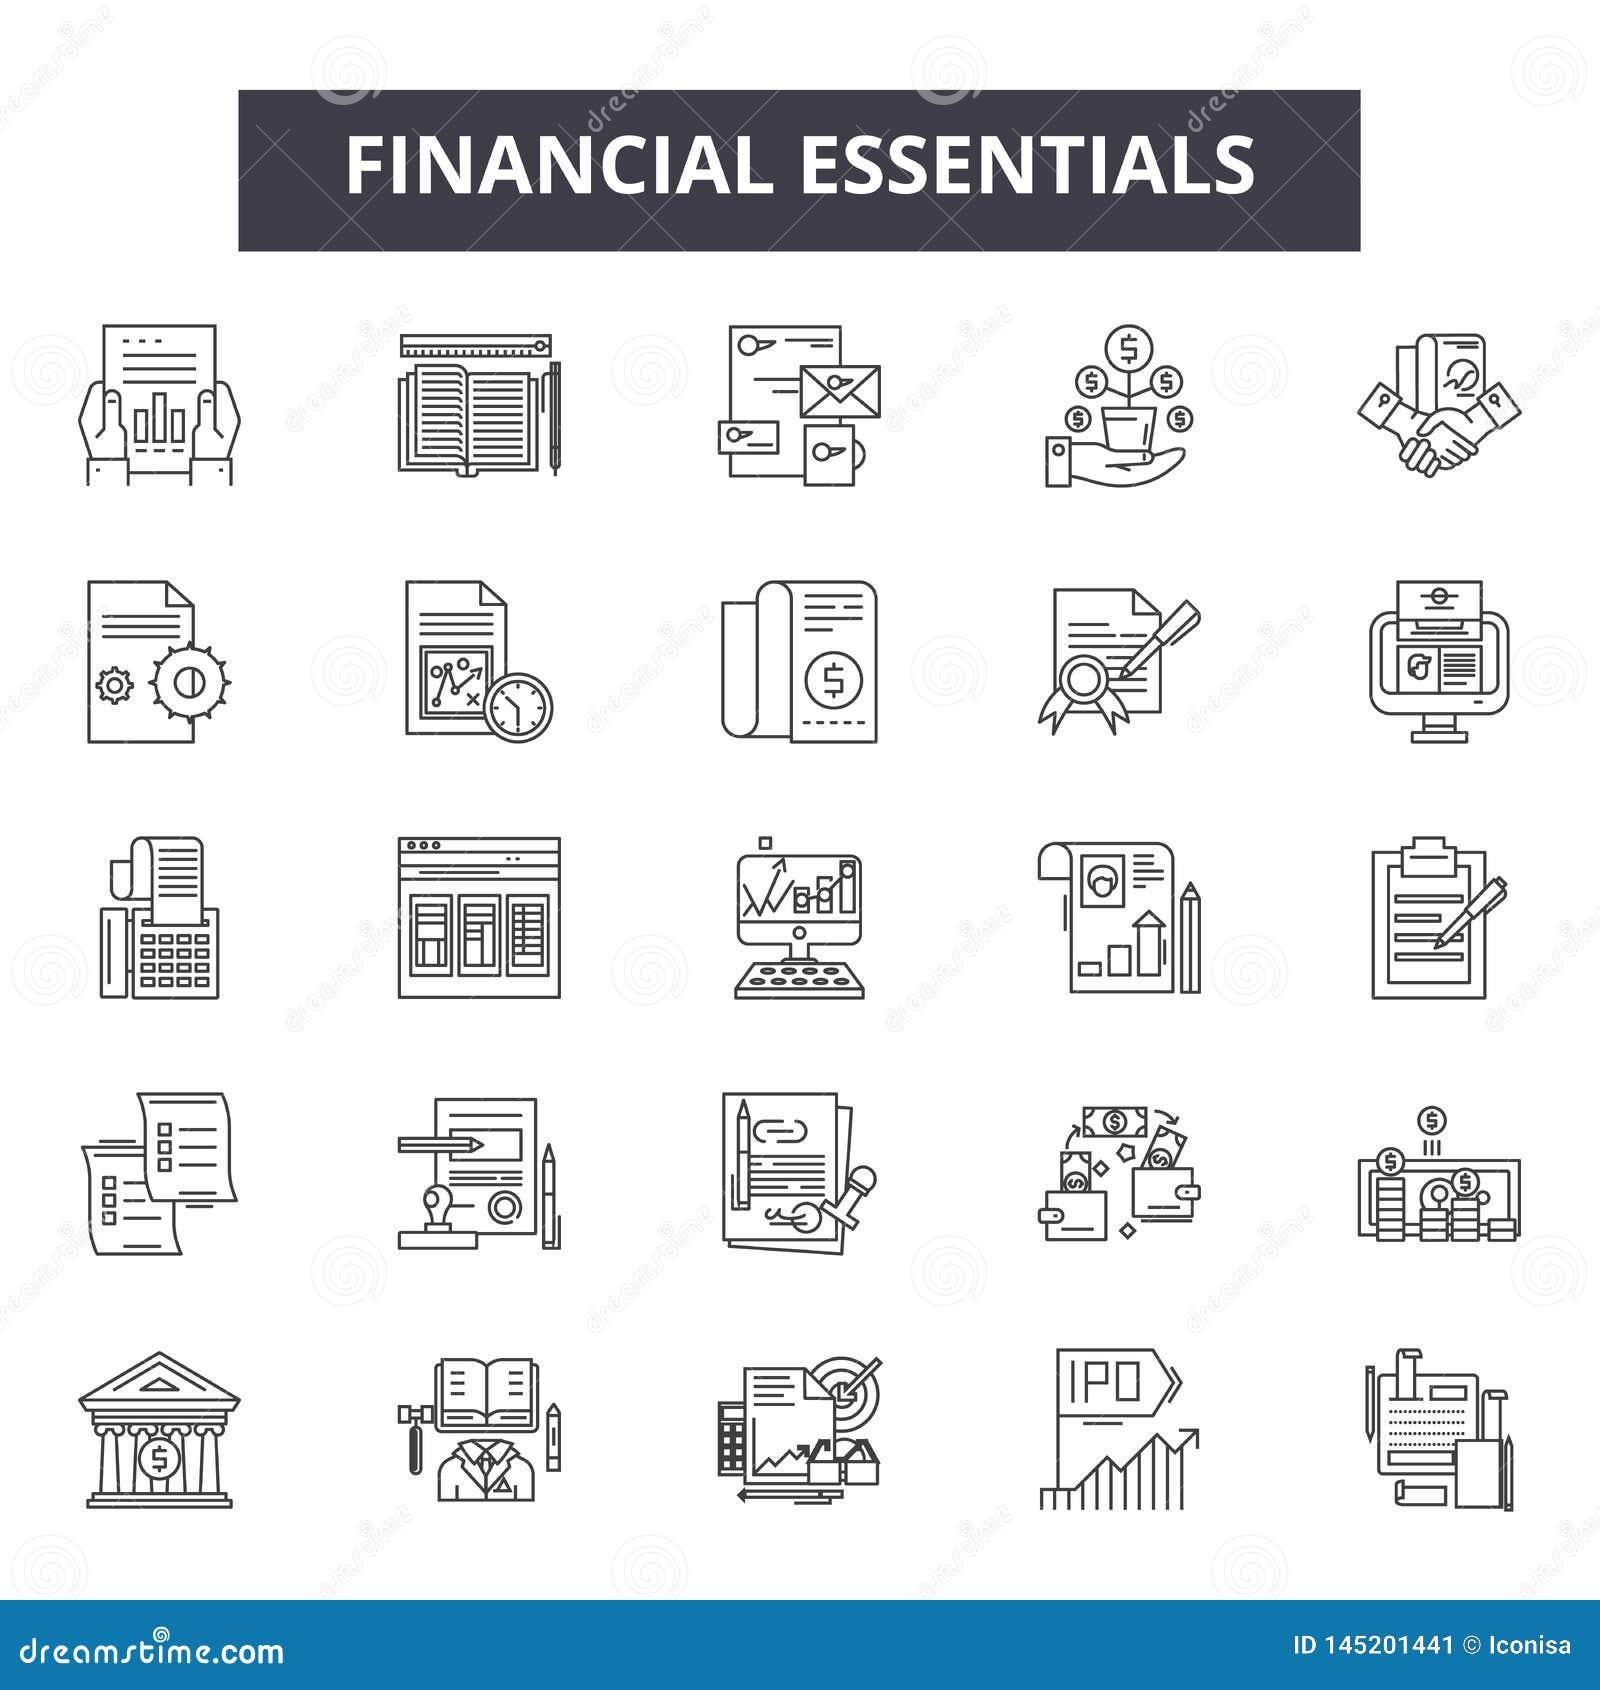 El esencial financiero alinea los iconos, muestras, sistema del vector, concepto del ejemplo del esquema